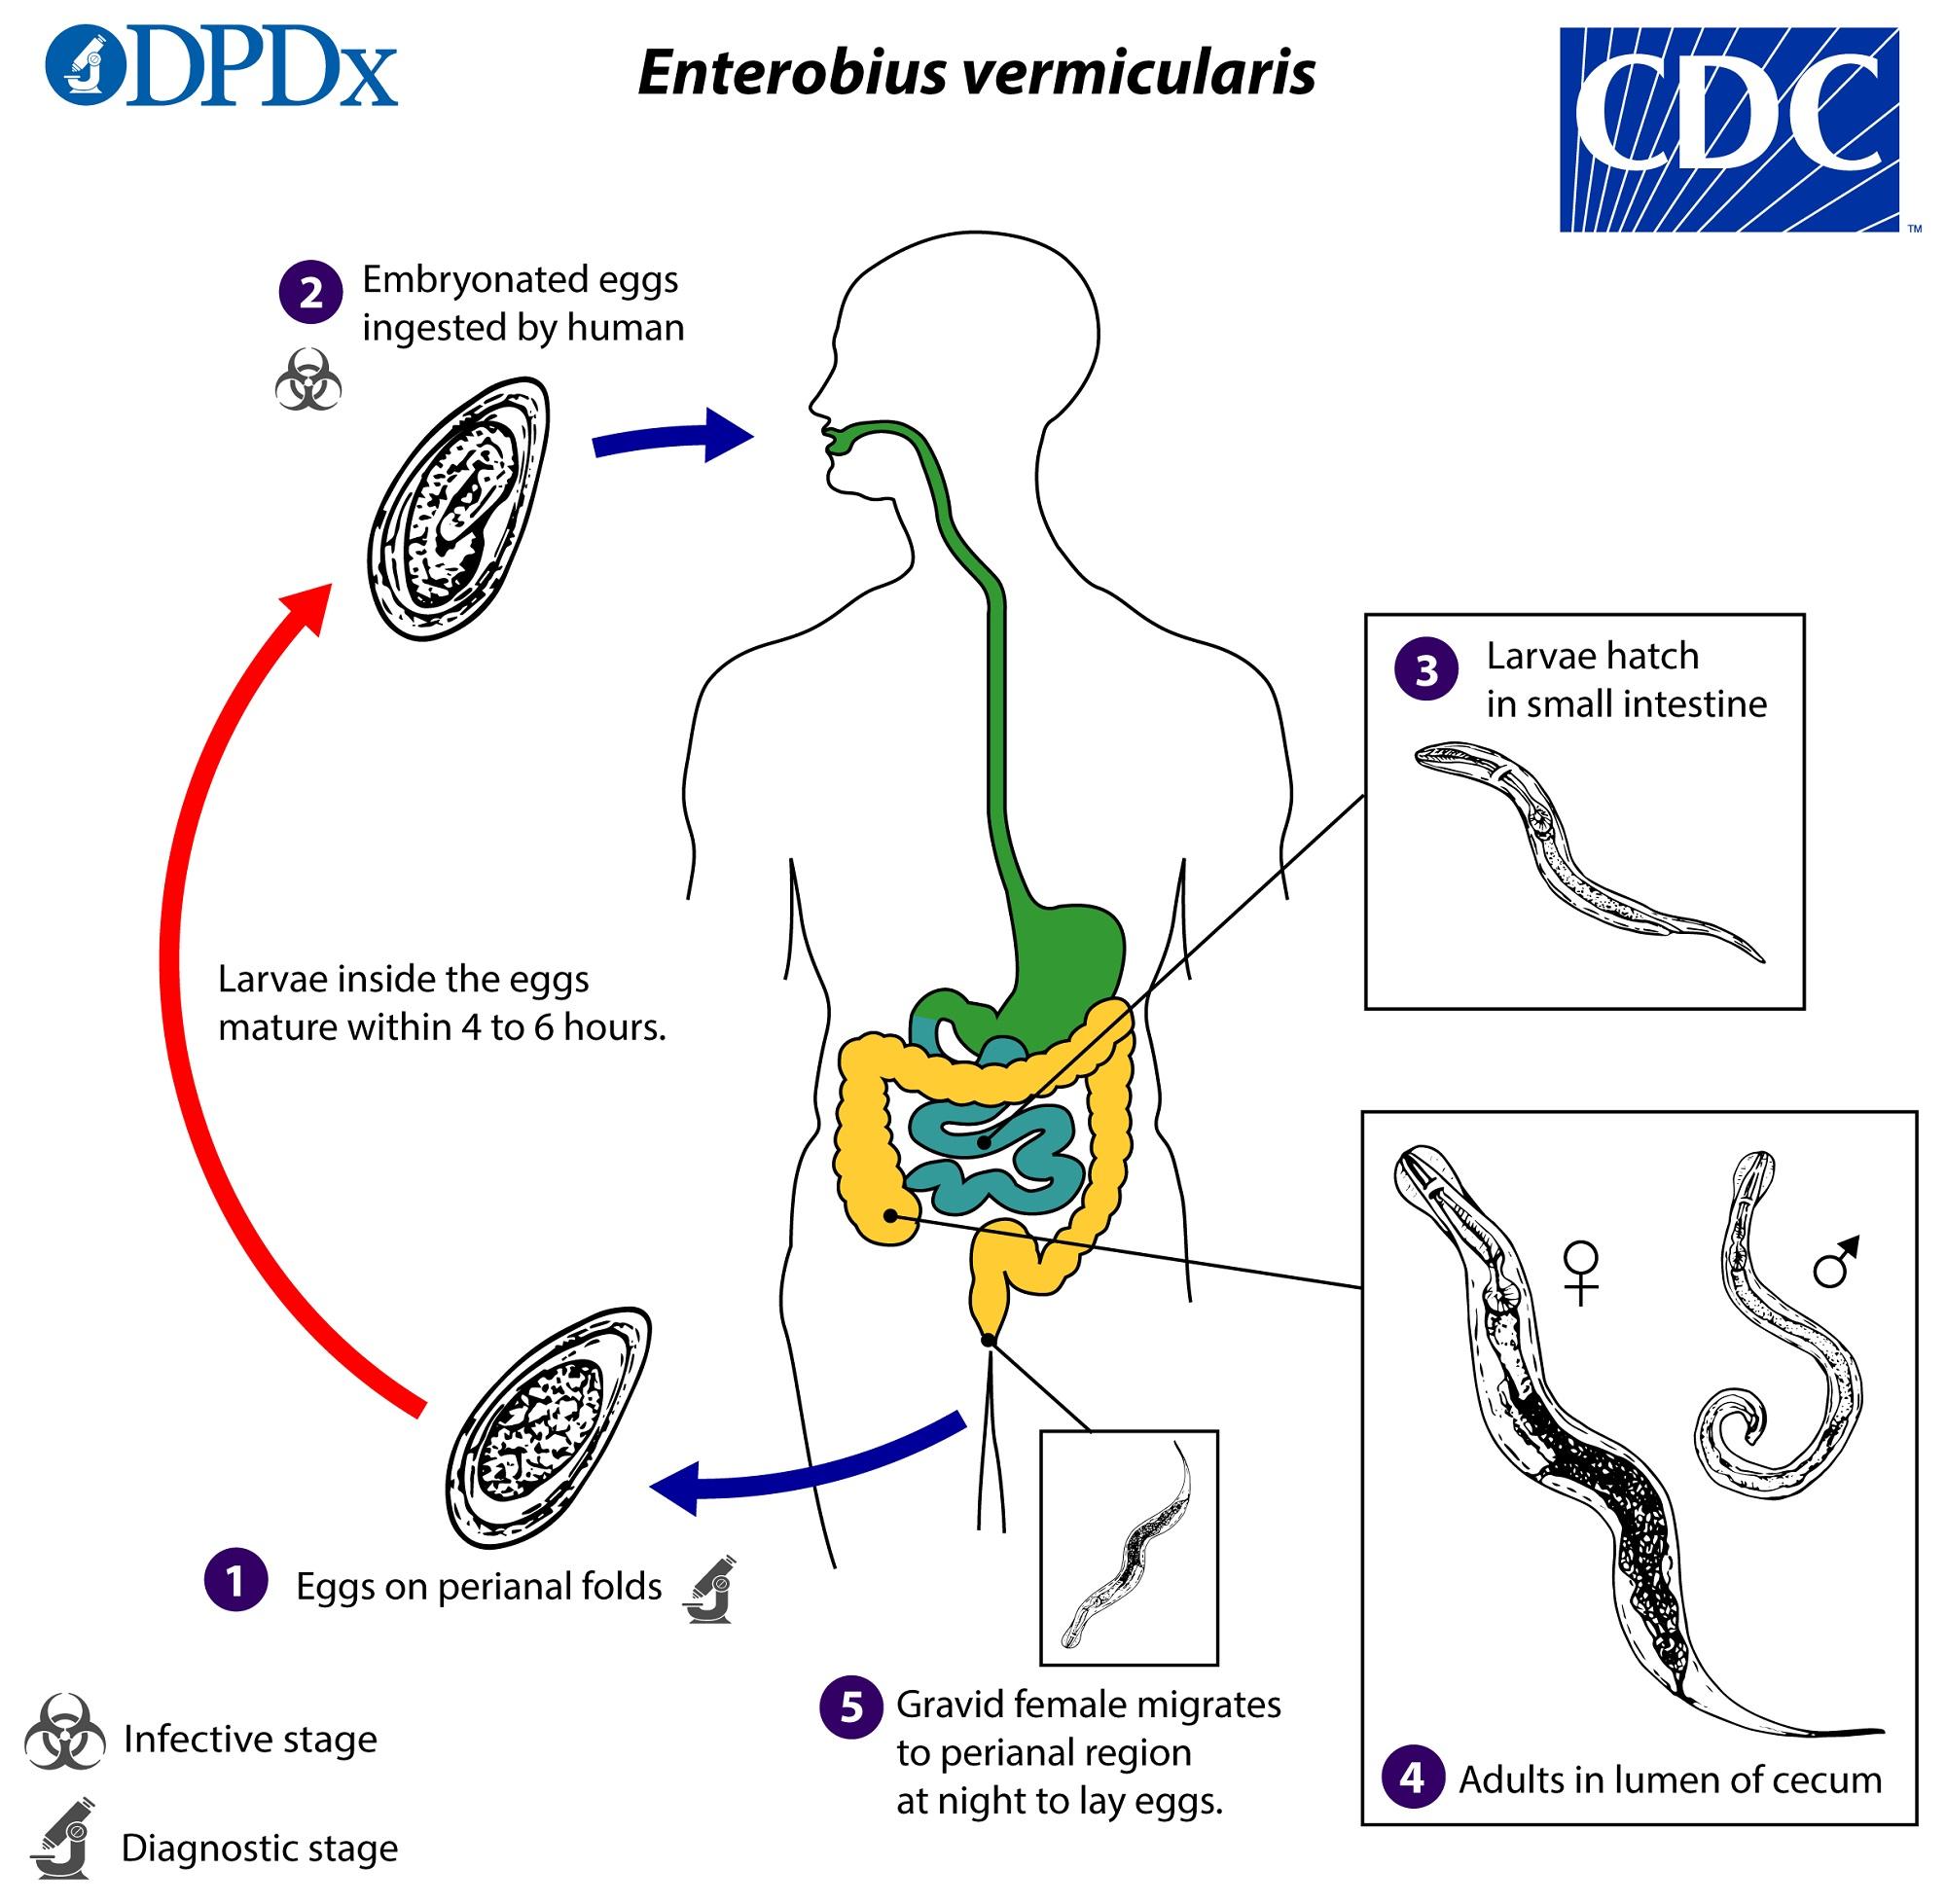 tratamentul cu agulov pentru paraziți vaccino papilloma virus napoli